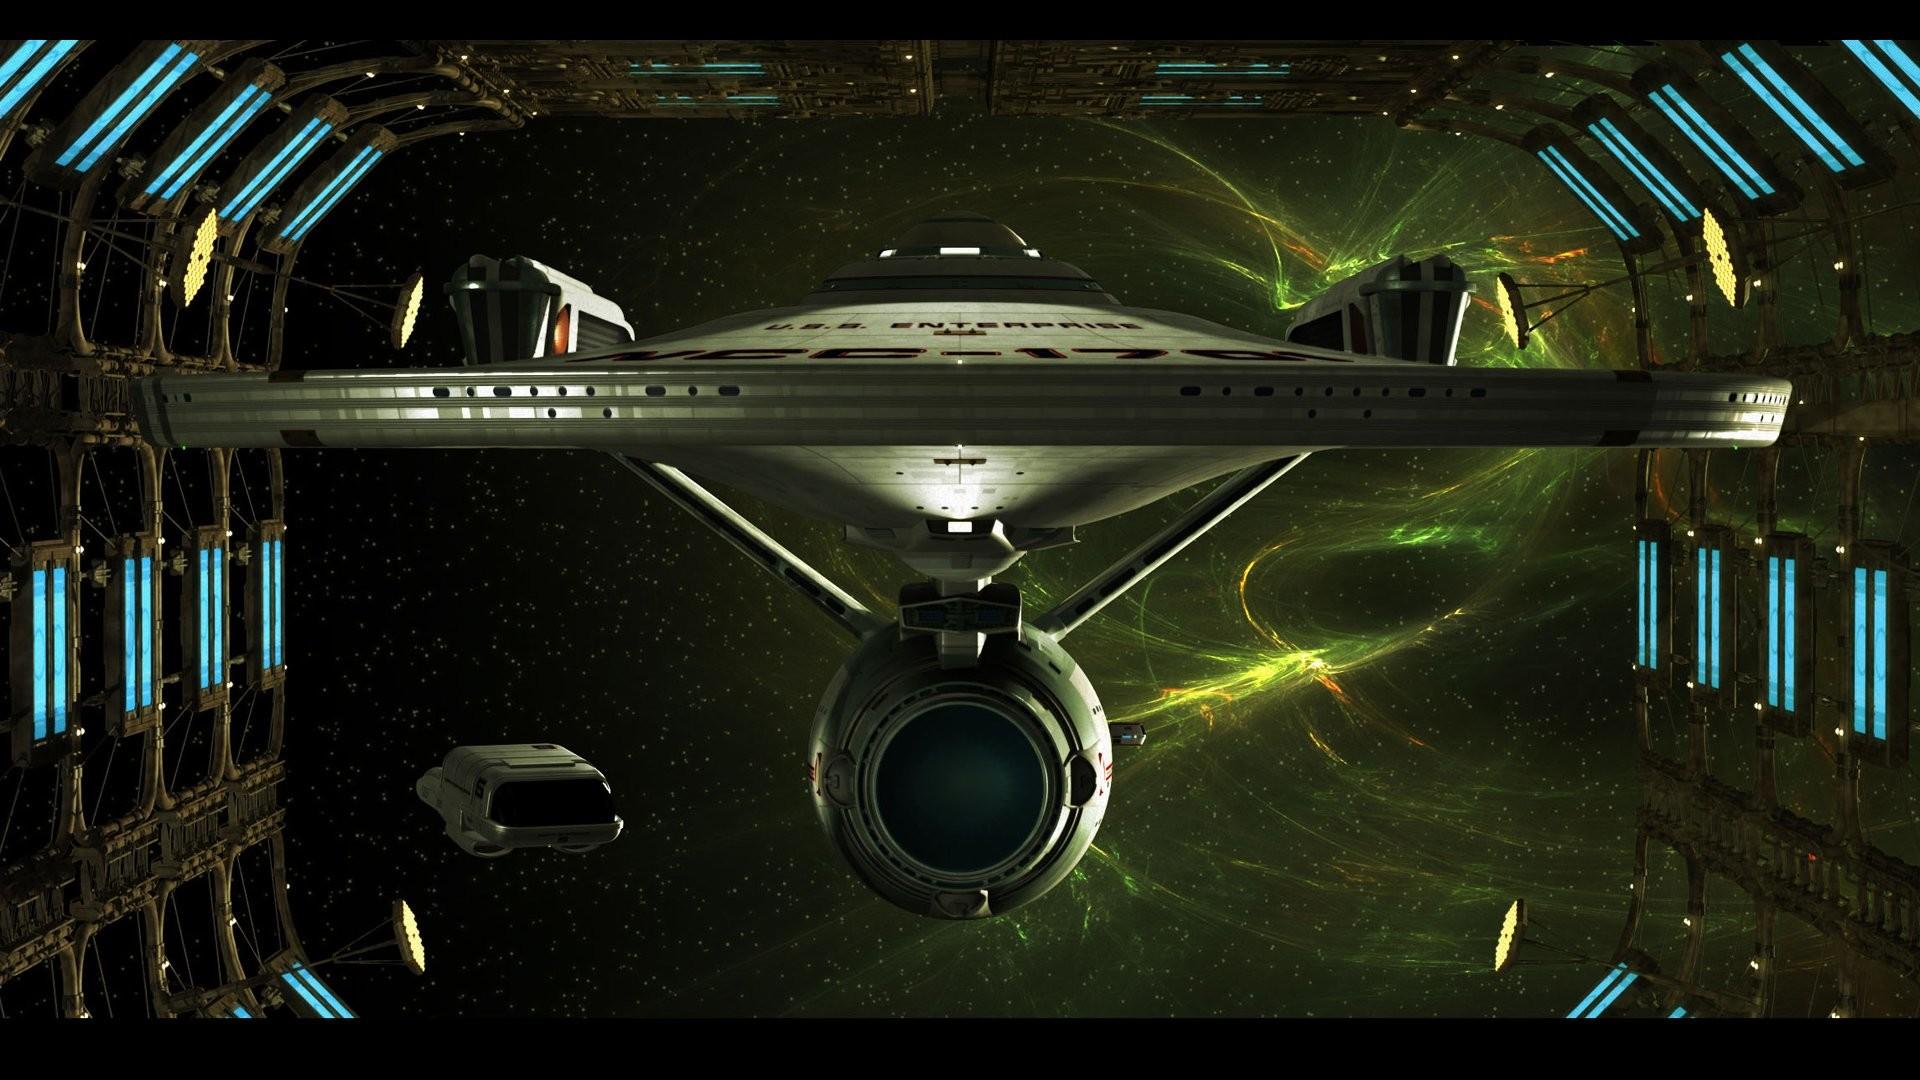 Uss Enterprise Star Trek 716860